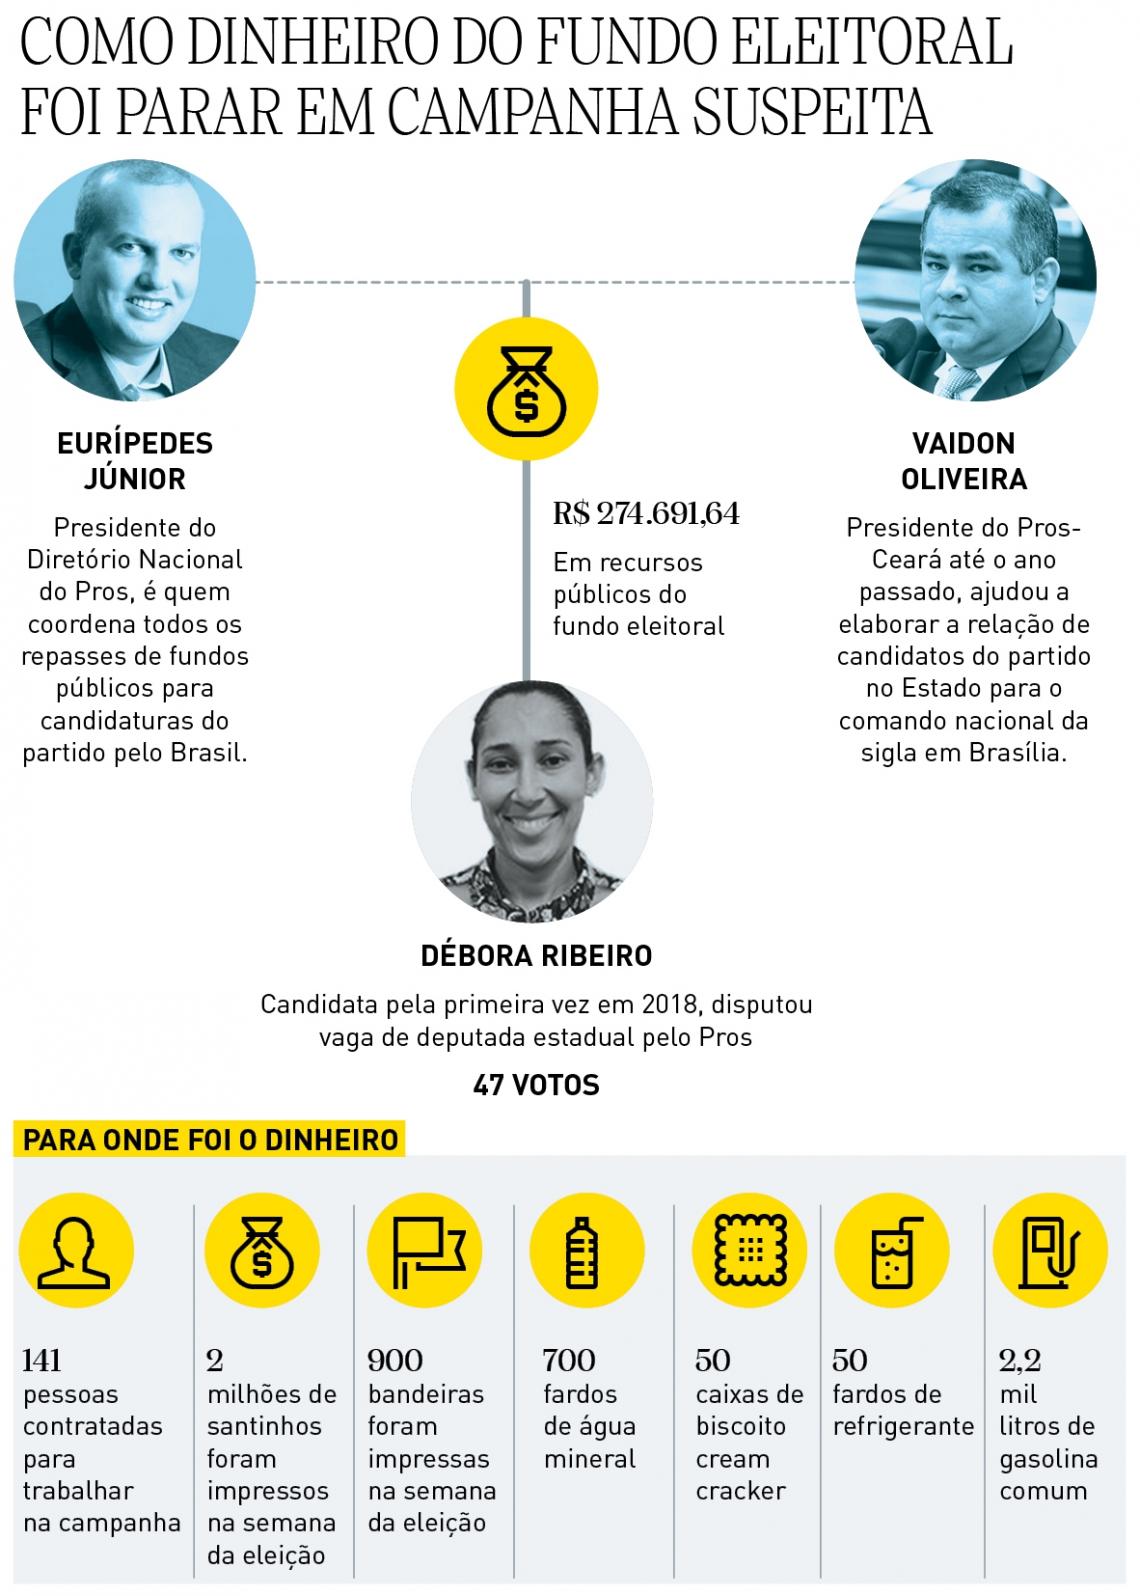 Entenda o repasse do dinheiro para a candidatura de Débora Ribeiro